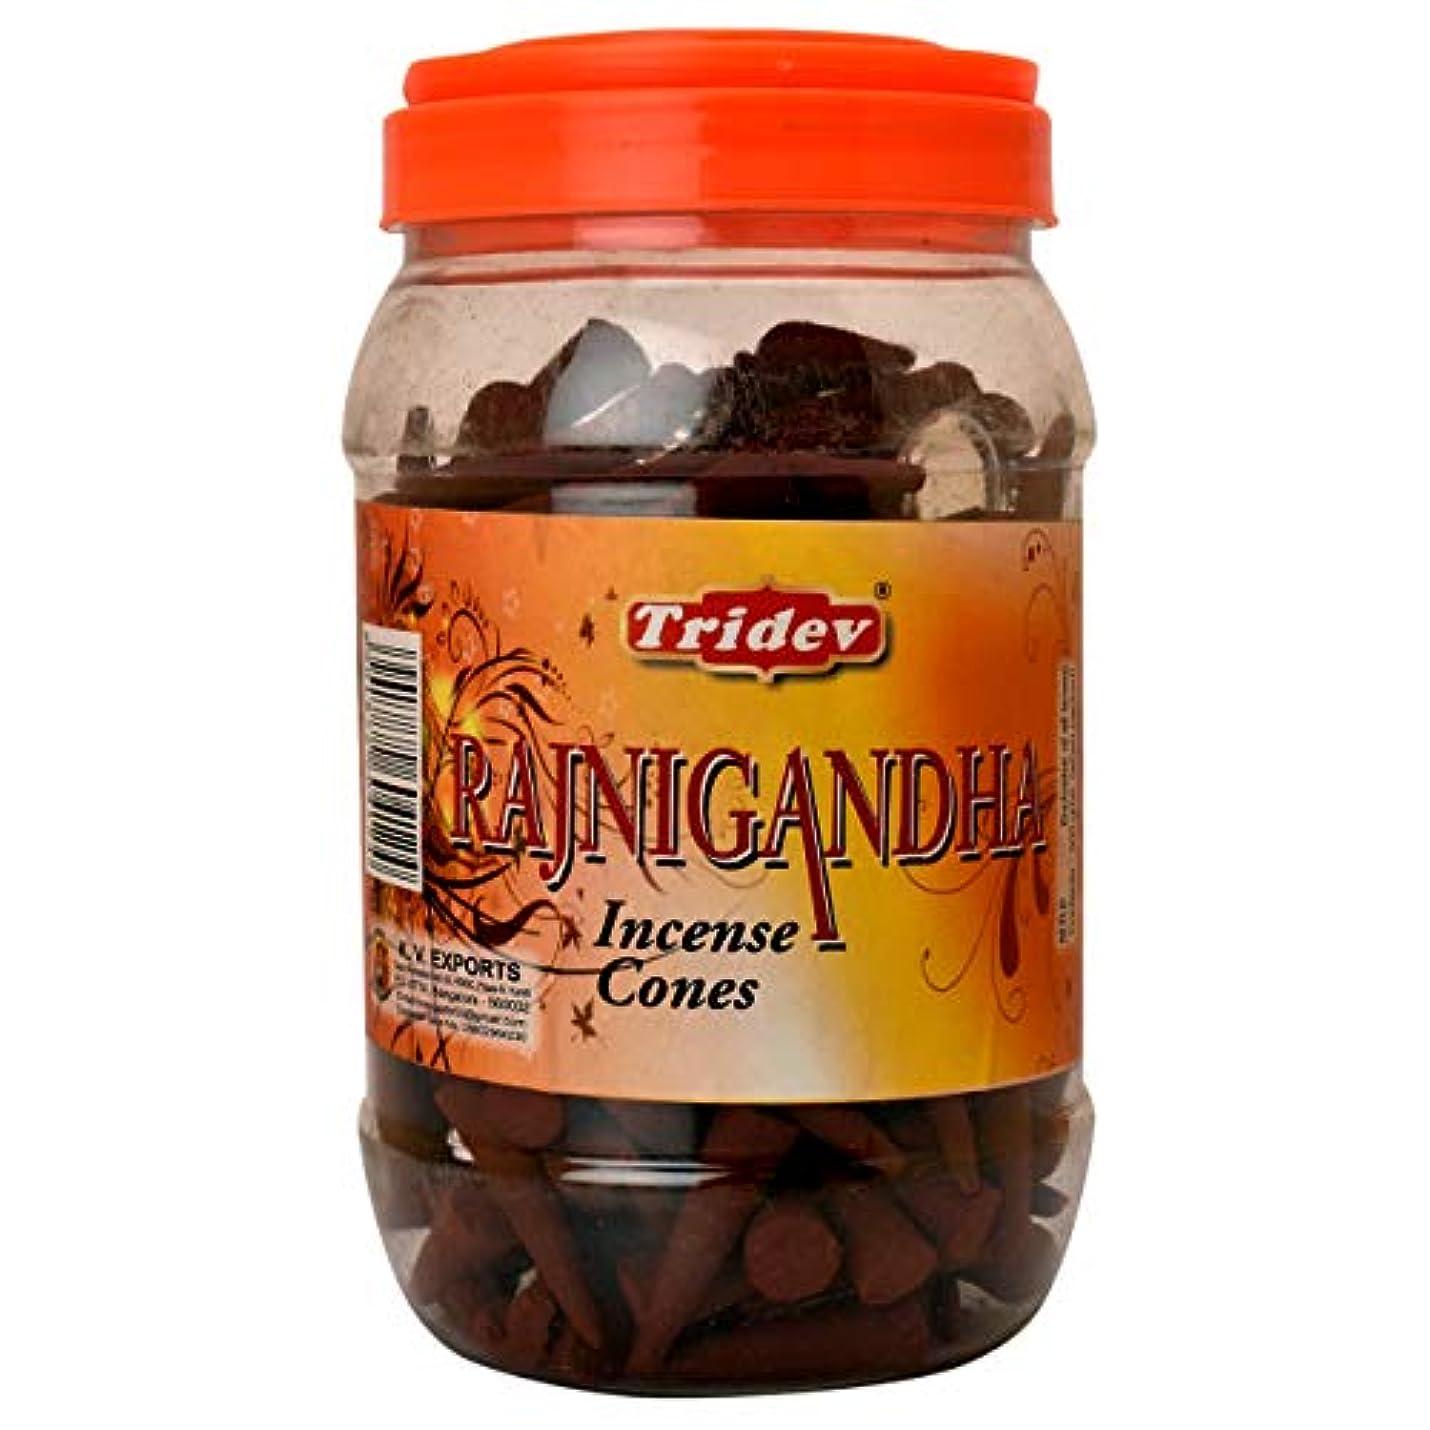 前提条件保護戸惑うTridev Rajnigandha Incense Cones Jar 500グラムパック